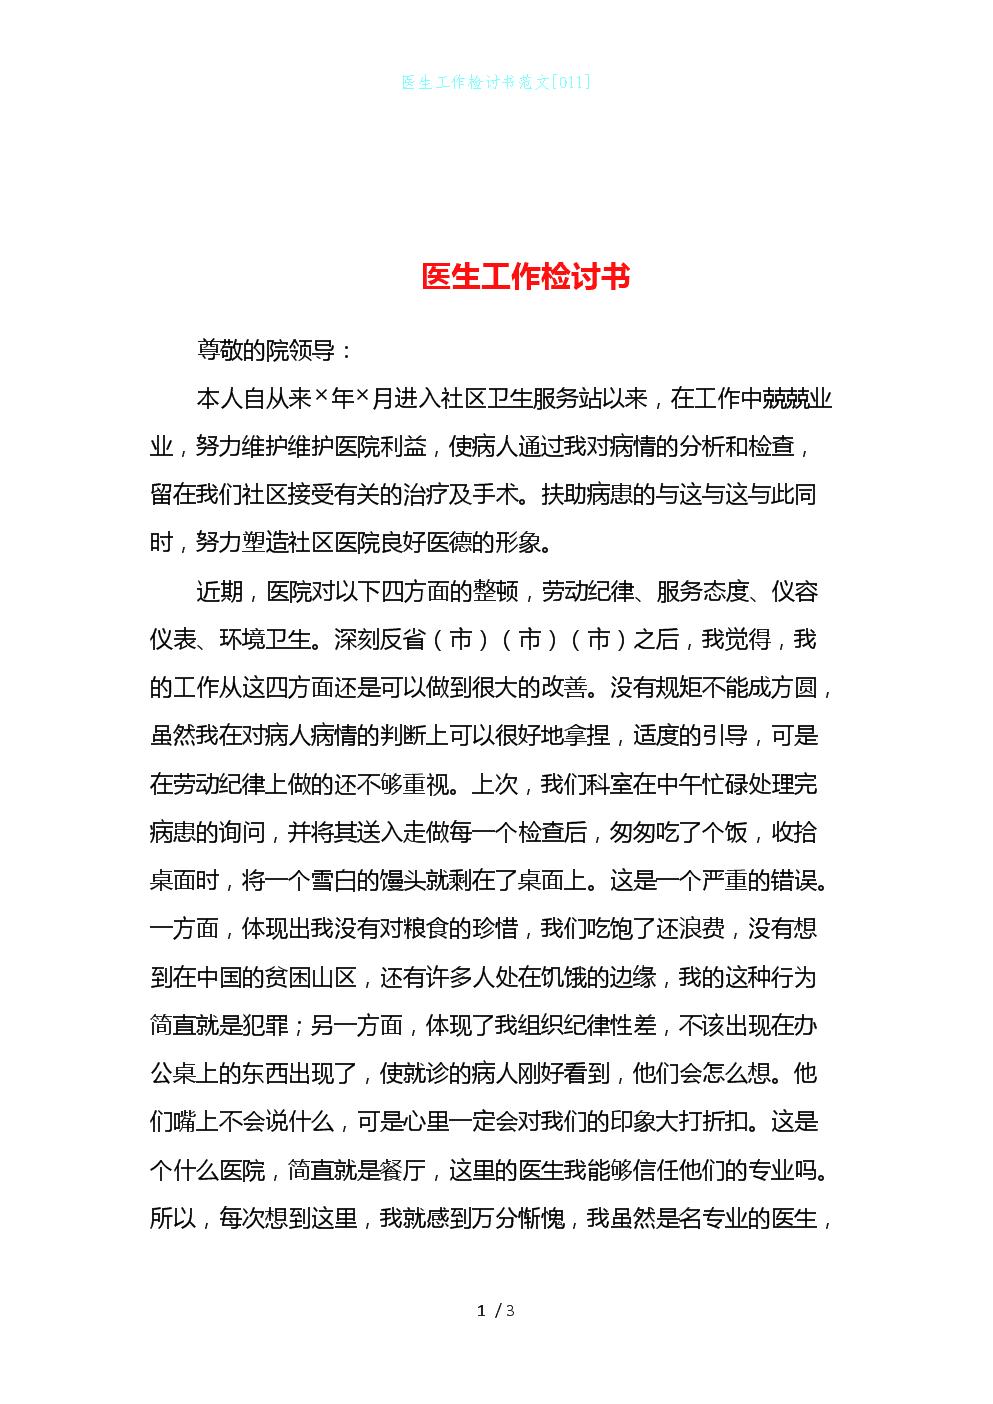 医生工作检讨书范文[011].docx